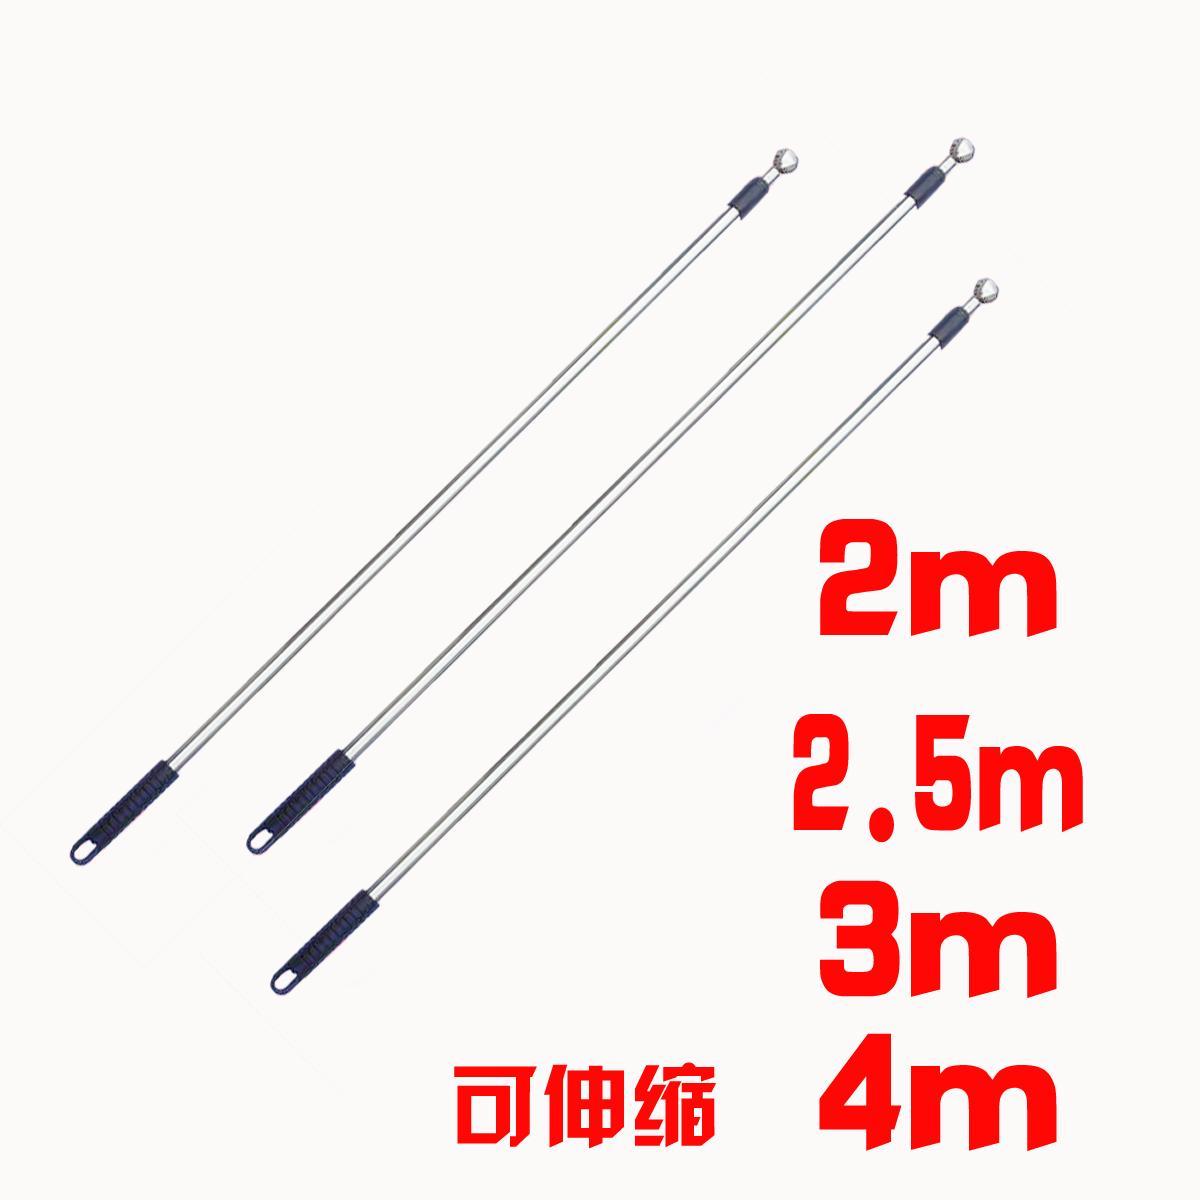 手摇不锈钢伸缩旗杆2米 2.5米 3米旗杆户外旗杆2 3 4号旗子杆子